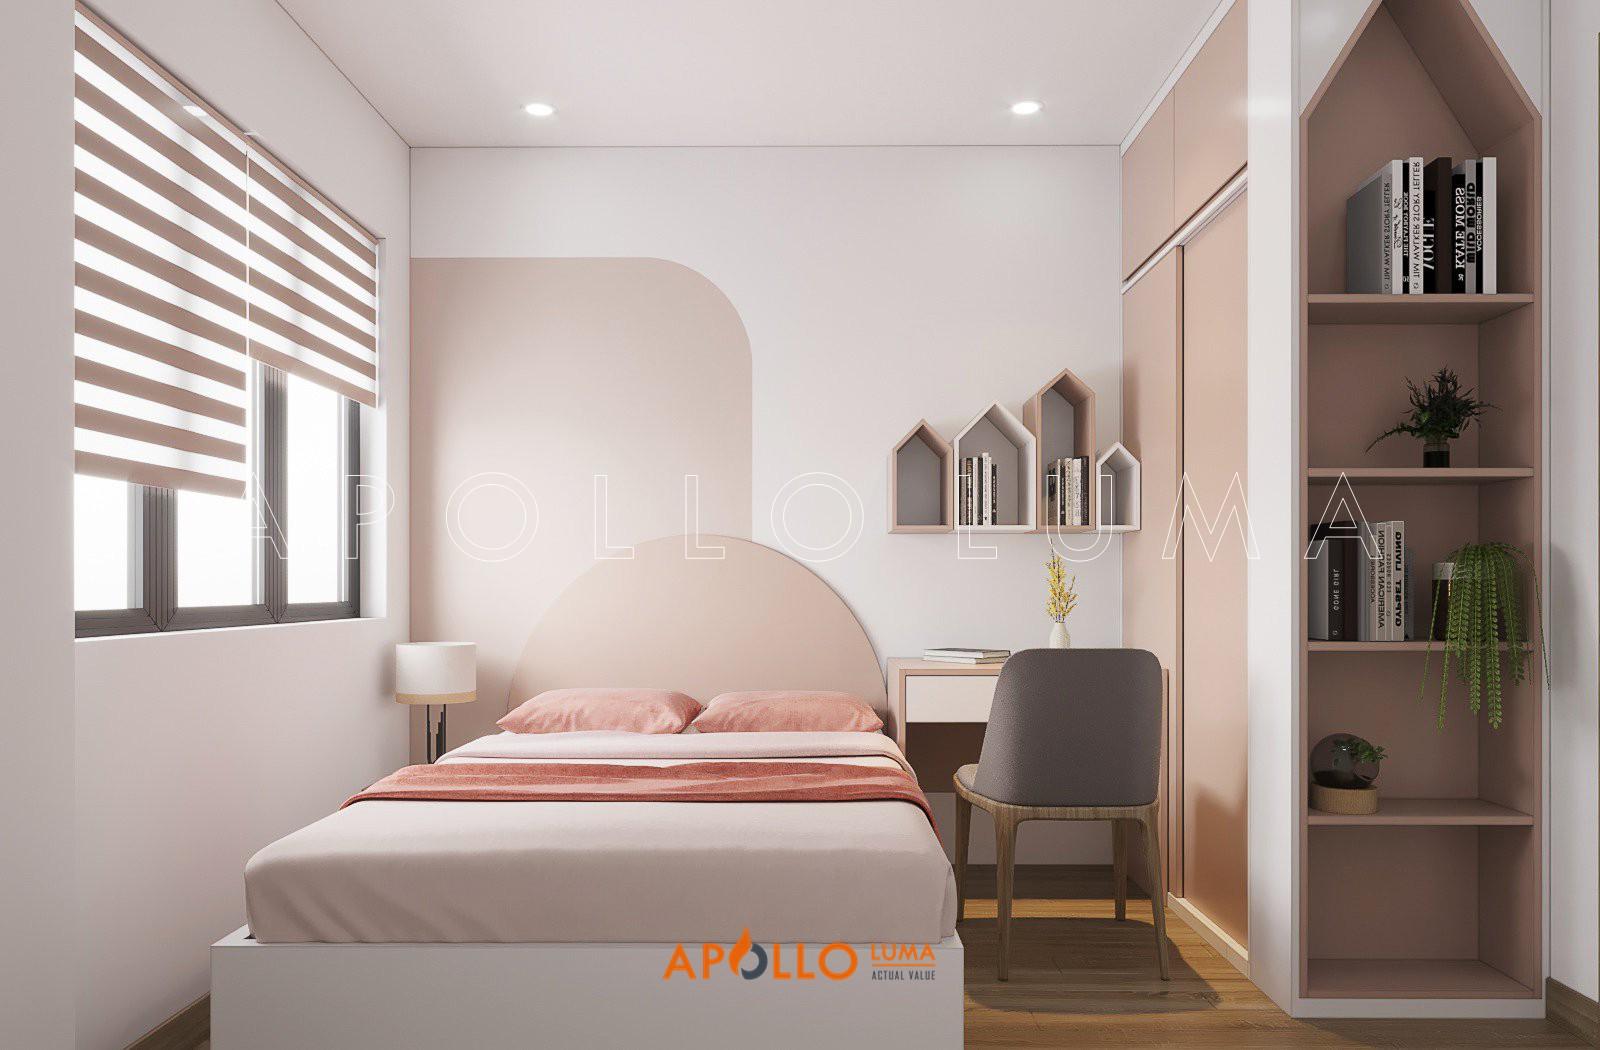 Apollo Luma - Đơn vị thiết kế & thi công nội thất Vinhomes chuyên nghiệp